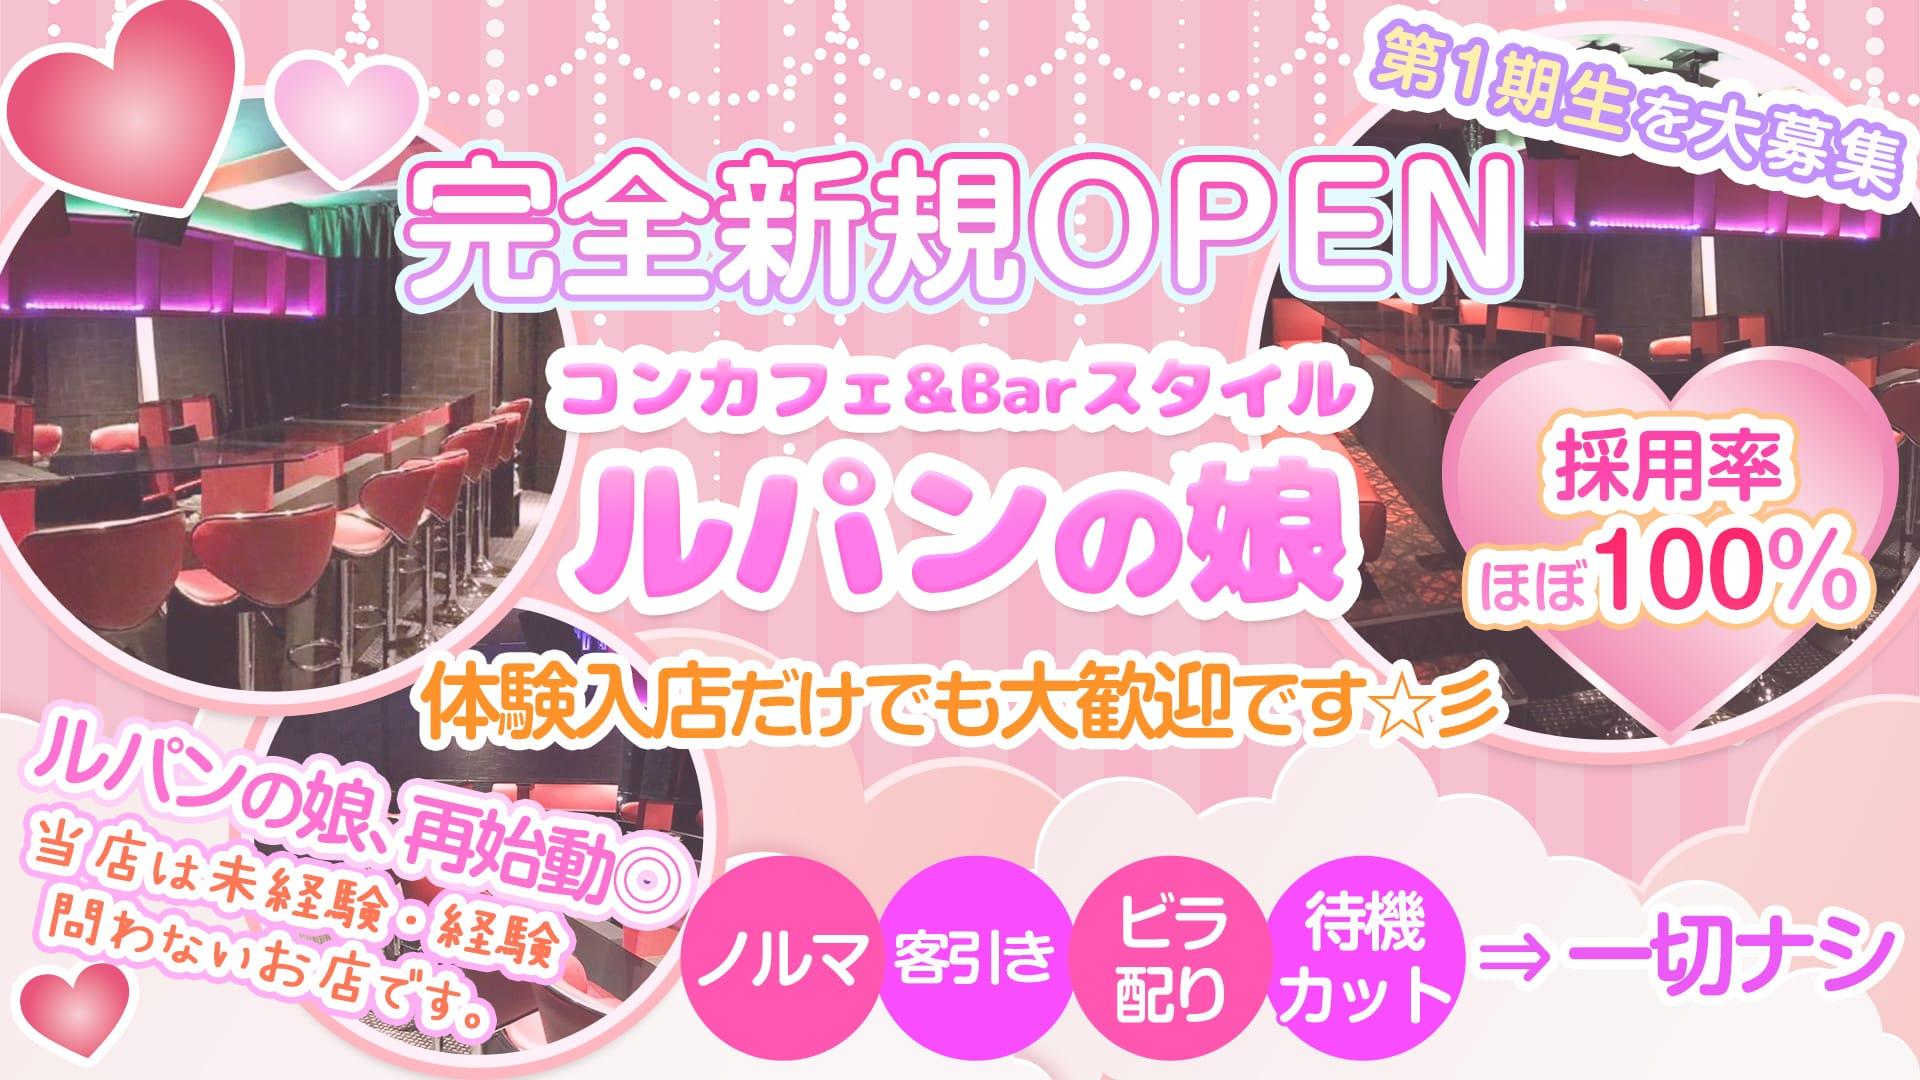 コンカフェ&Barスタイル ルパンの娘(ルパンノムスメ) 五反田ガールズバー TOP画像